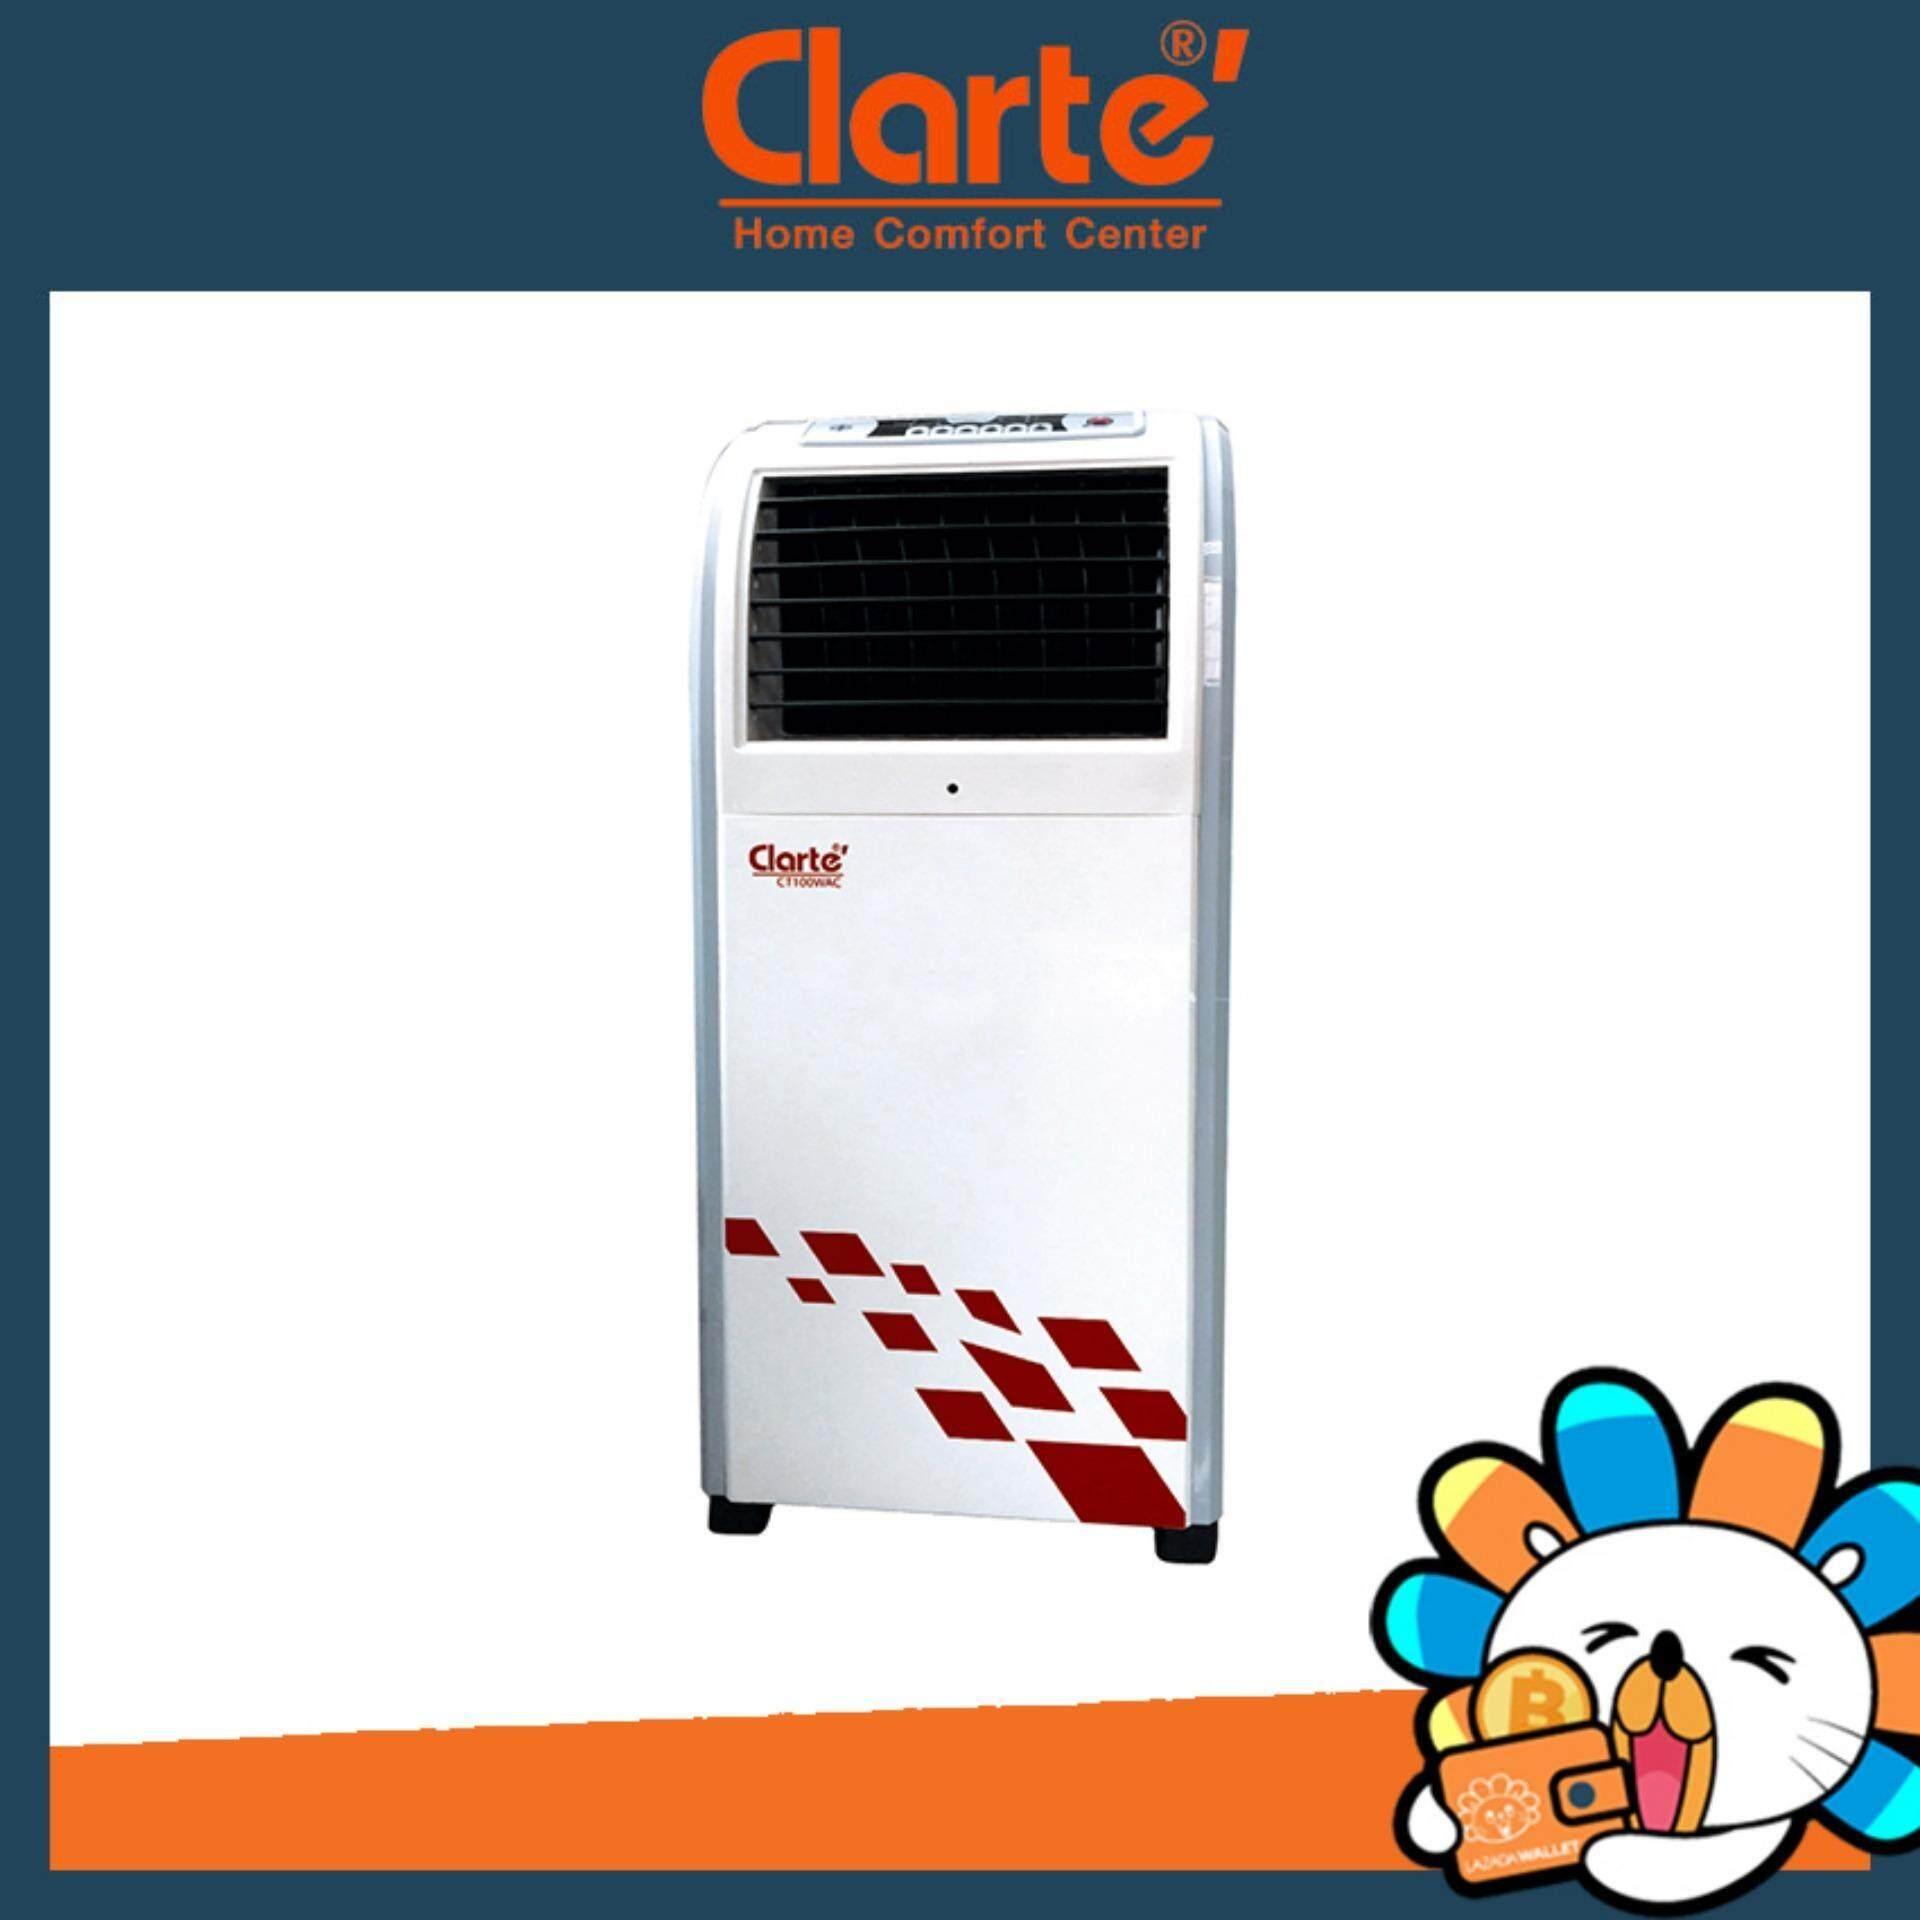 ราคา Clarte พัดลมไอเย็น รุ่น Ct100Wac W Clarte เป็นต้นฉบับ